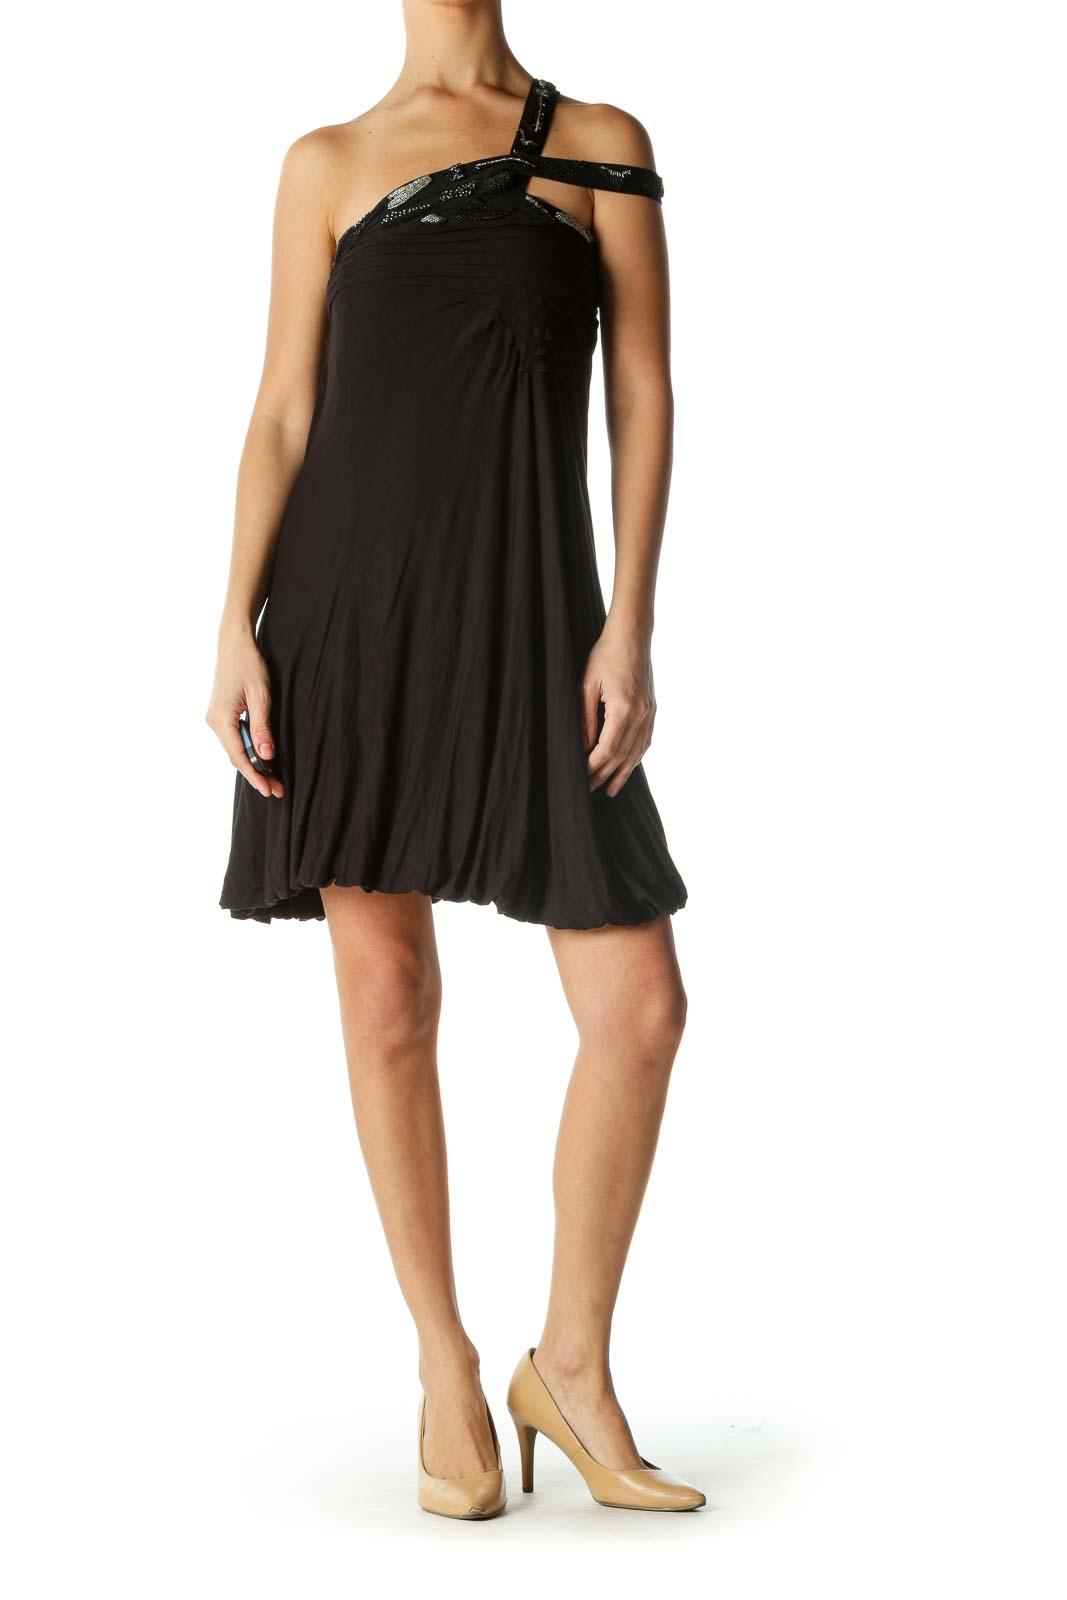 Black Embellished Neckline Dress